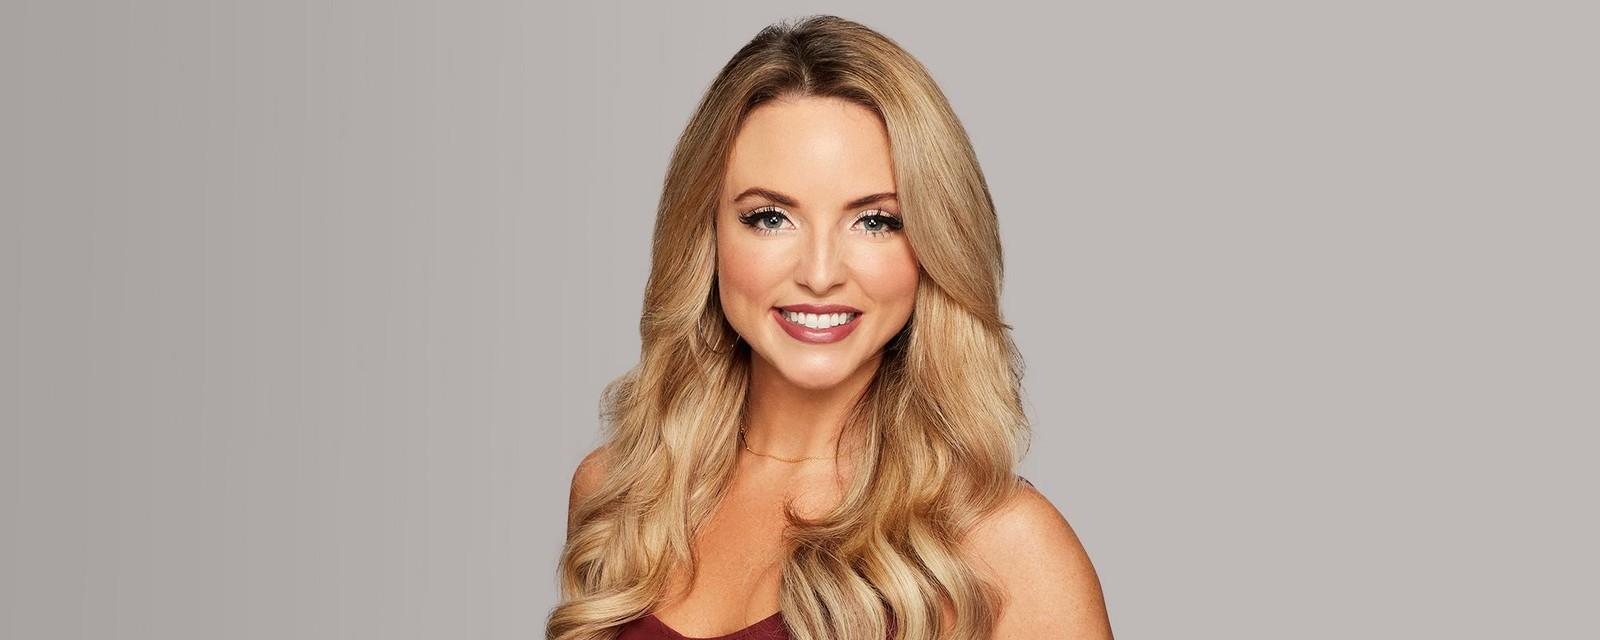 Erin Bachelor